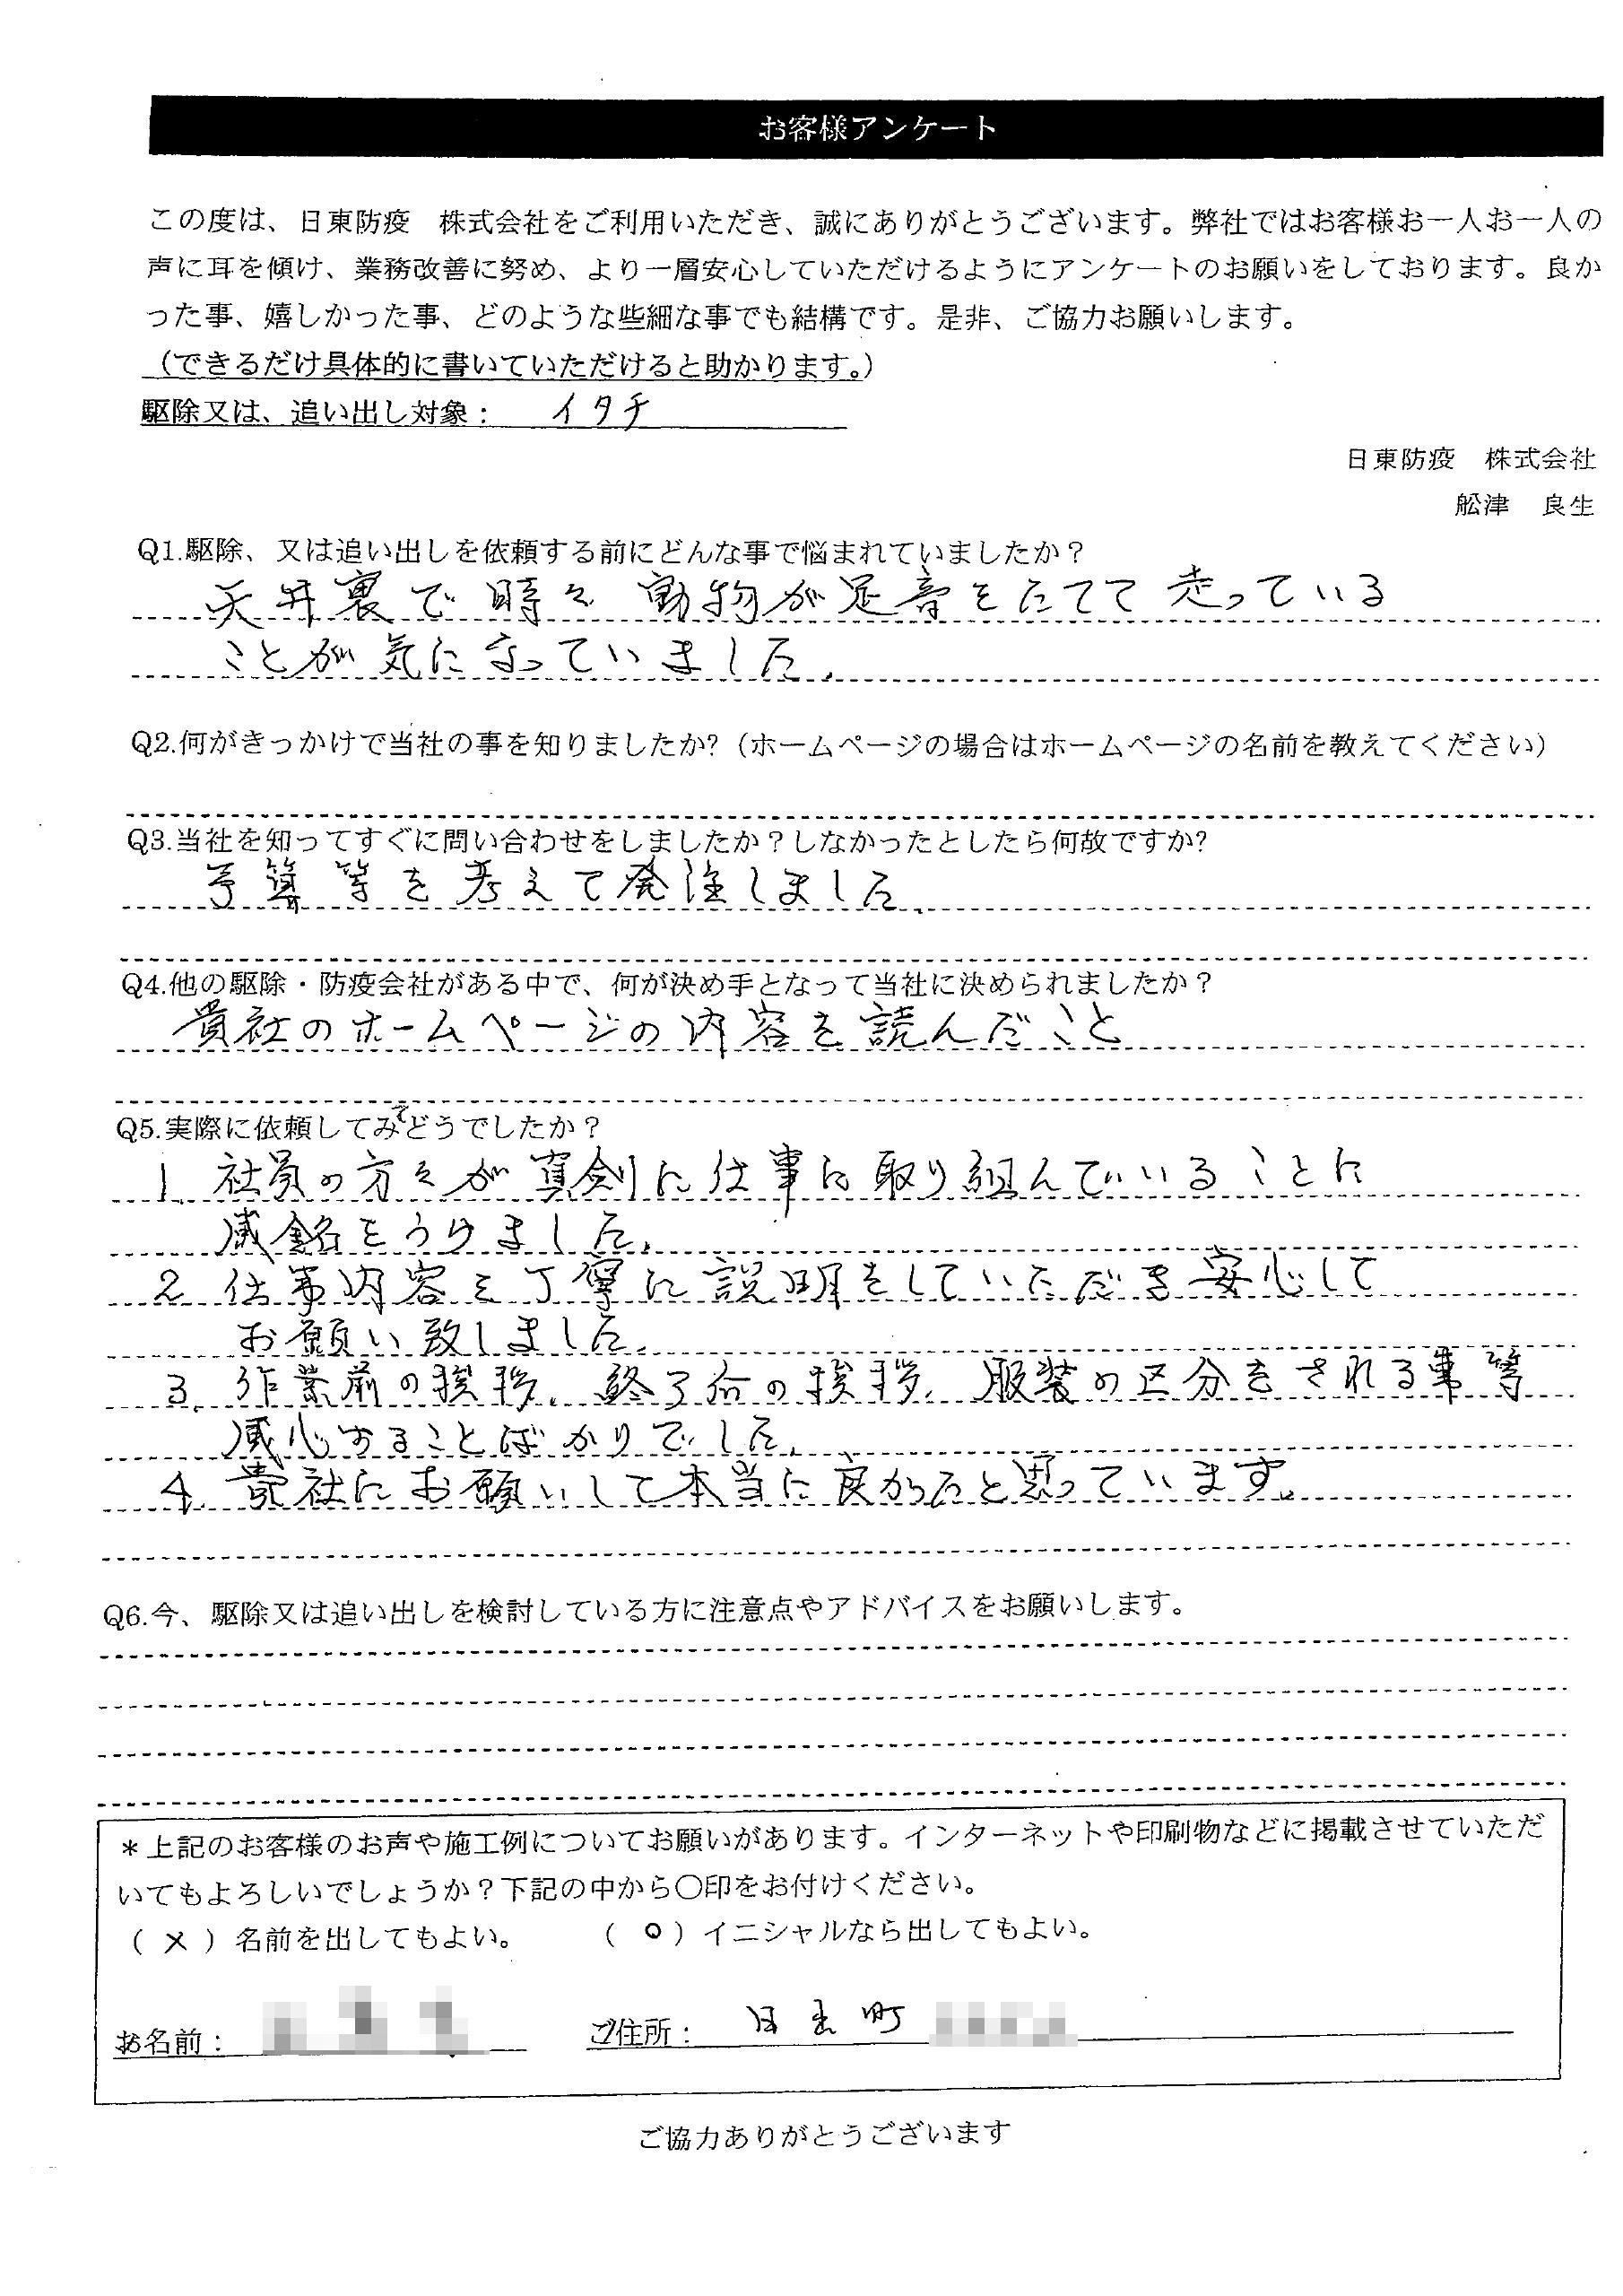 画像:S寺様アンケート用紙